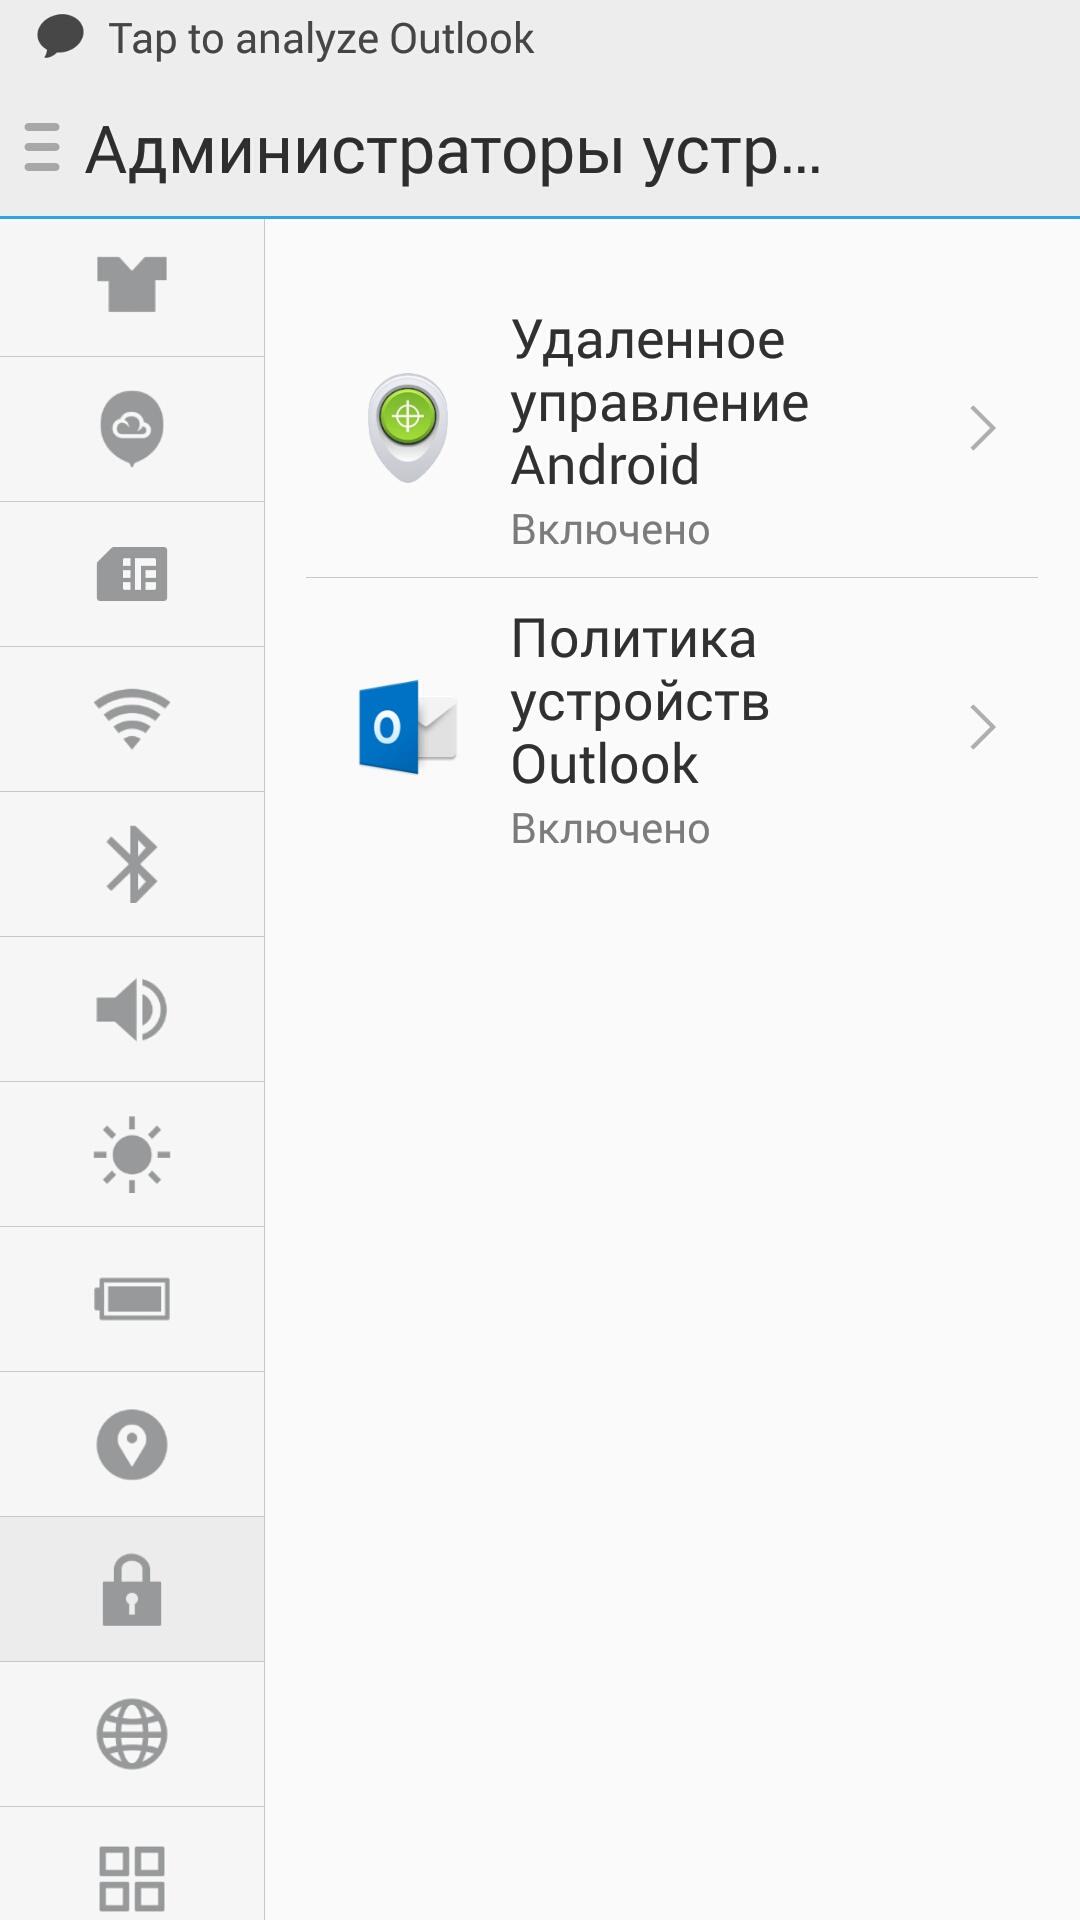 Список администраторов устройства